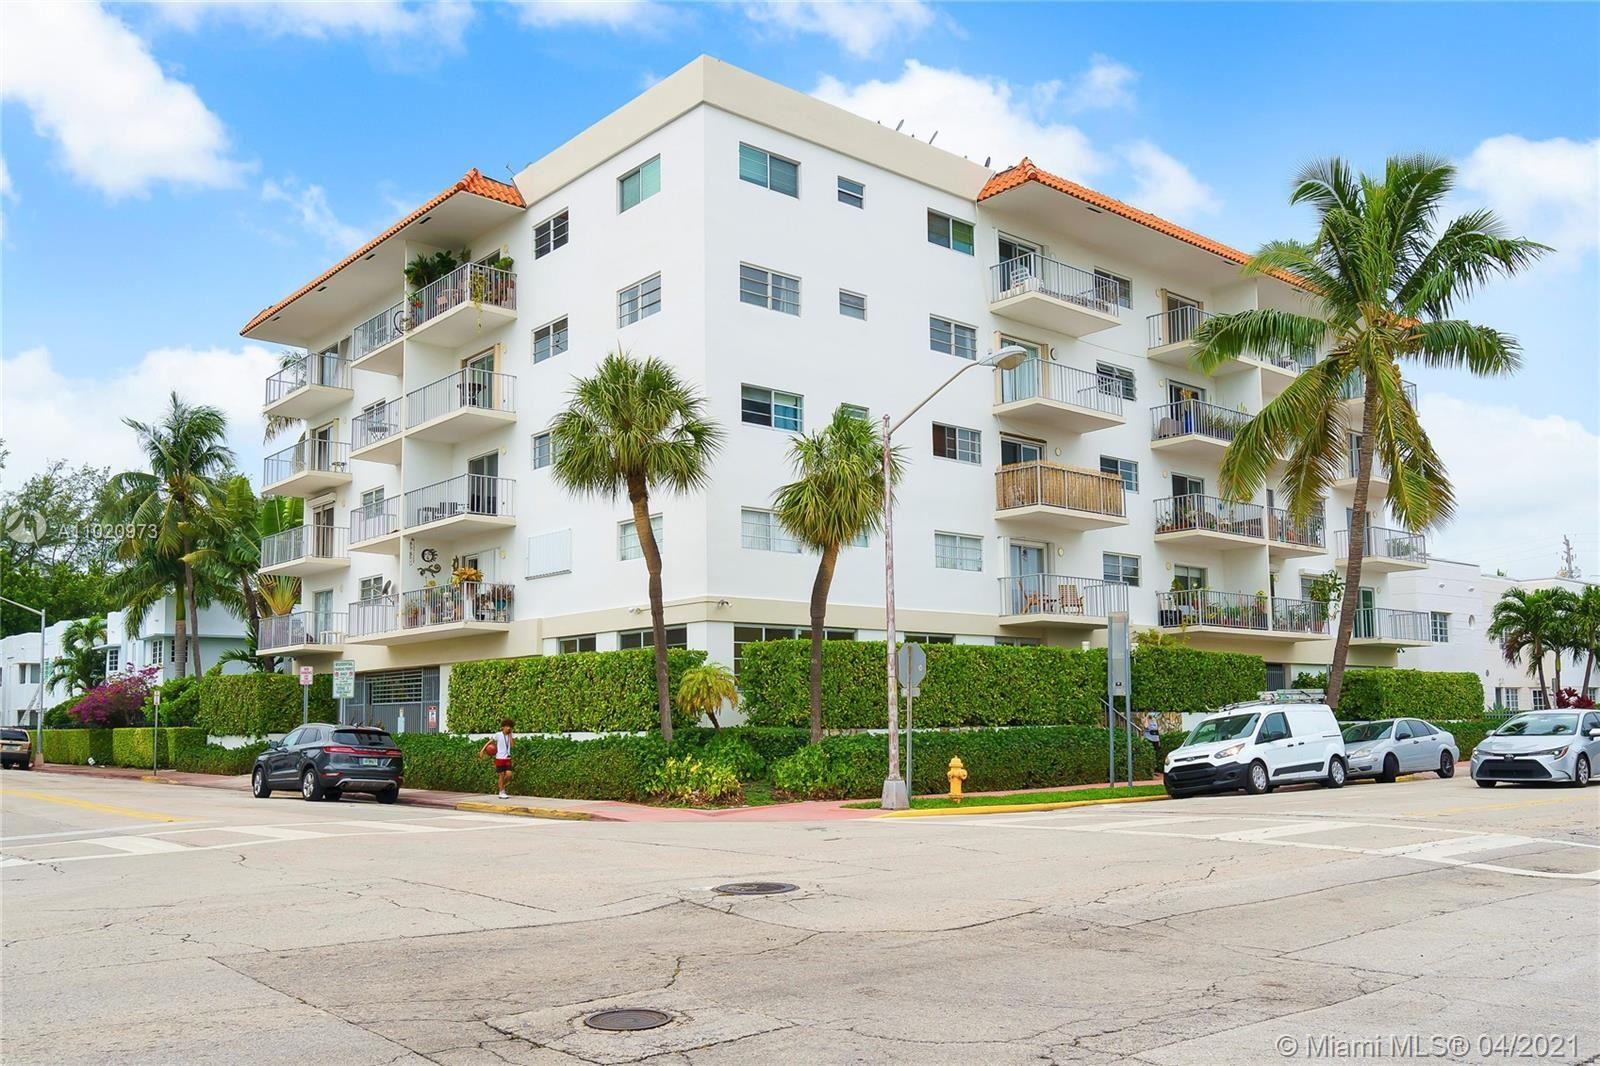 1428 Euclid Ave #203, Miami Beach, FL 33139 - #: A11020973